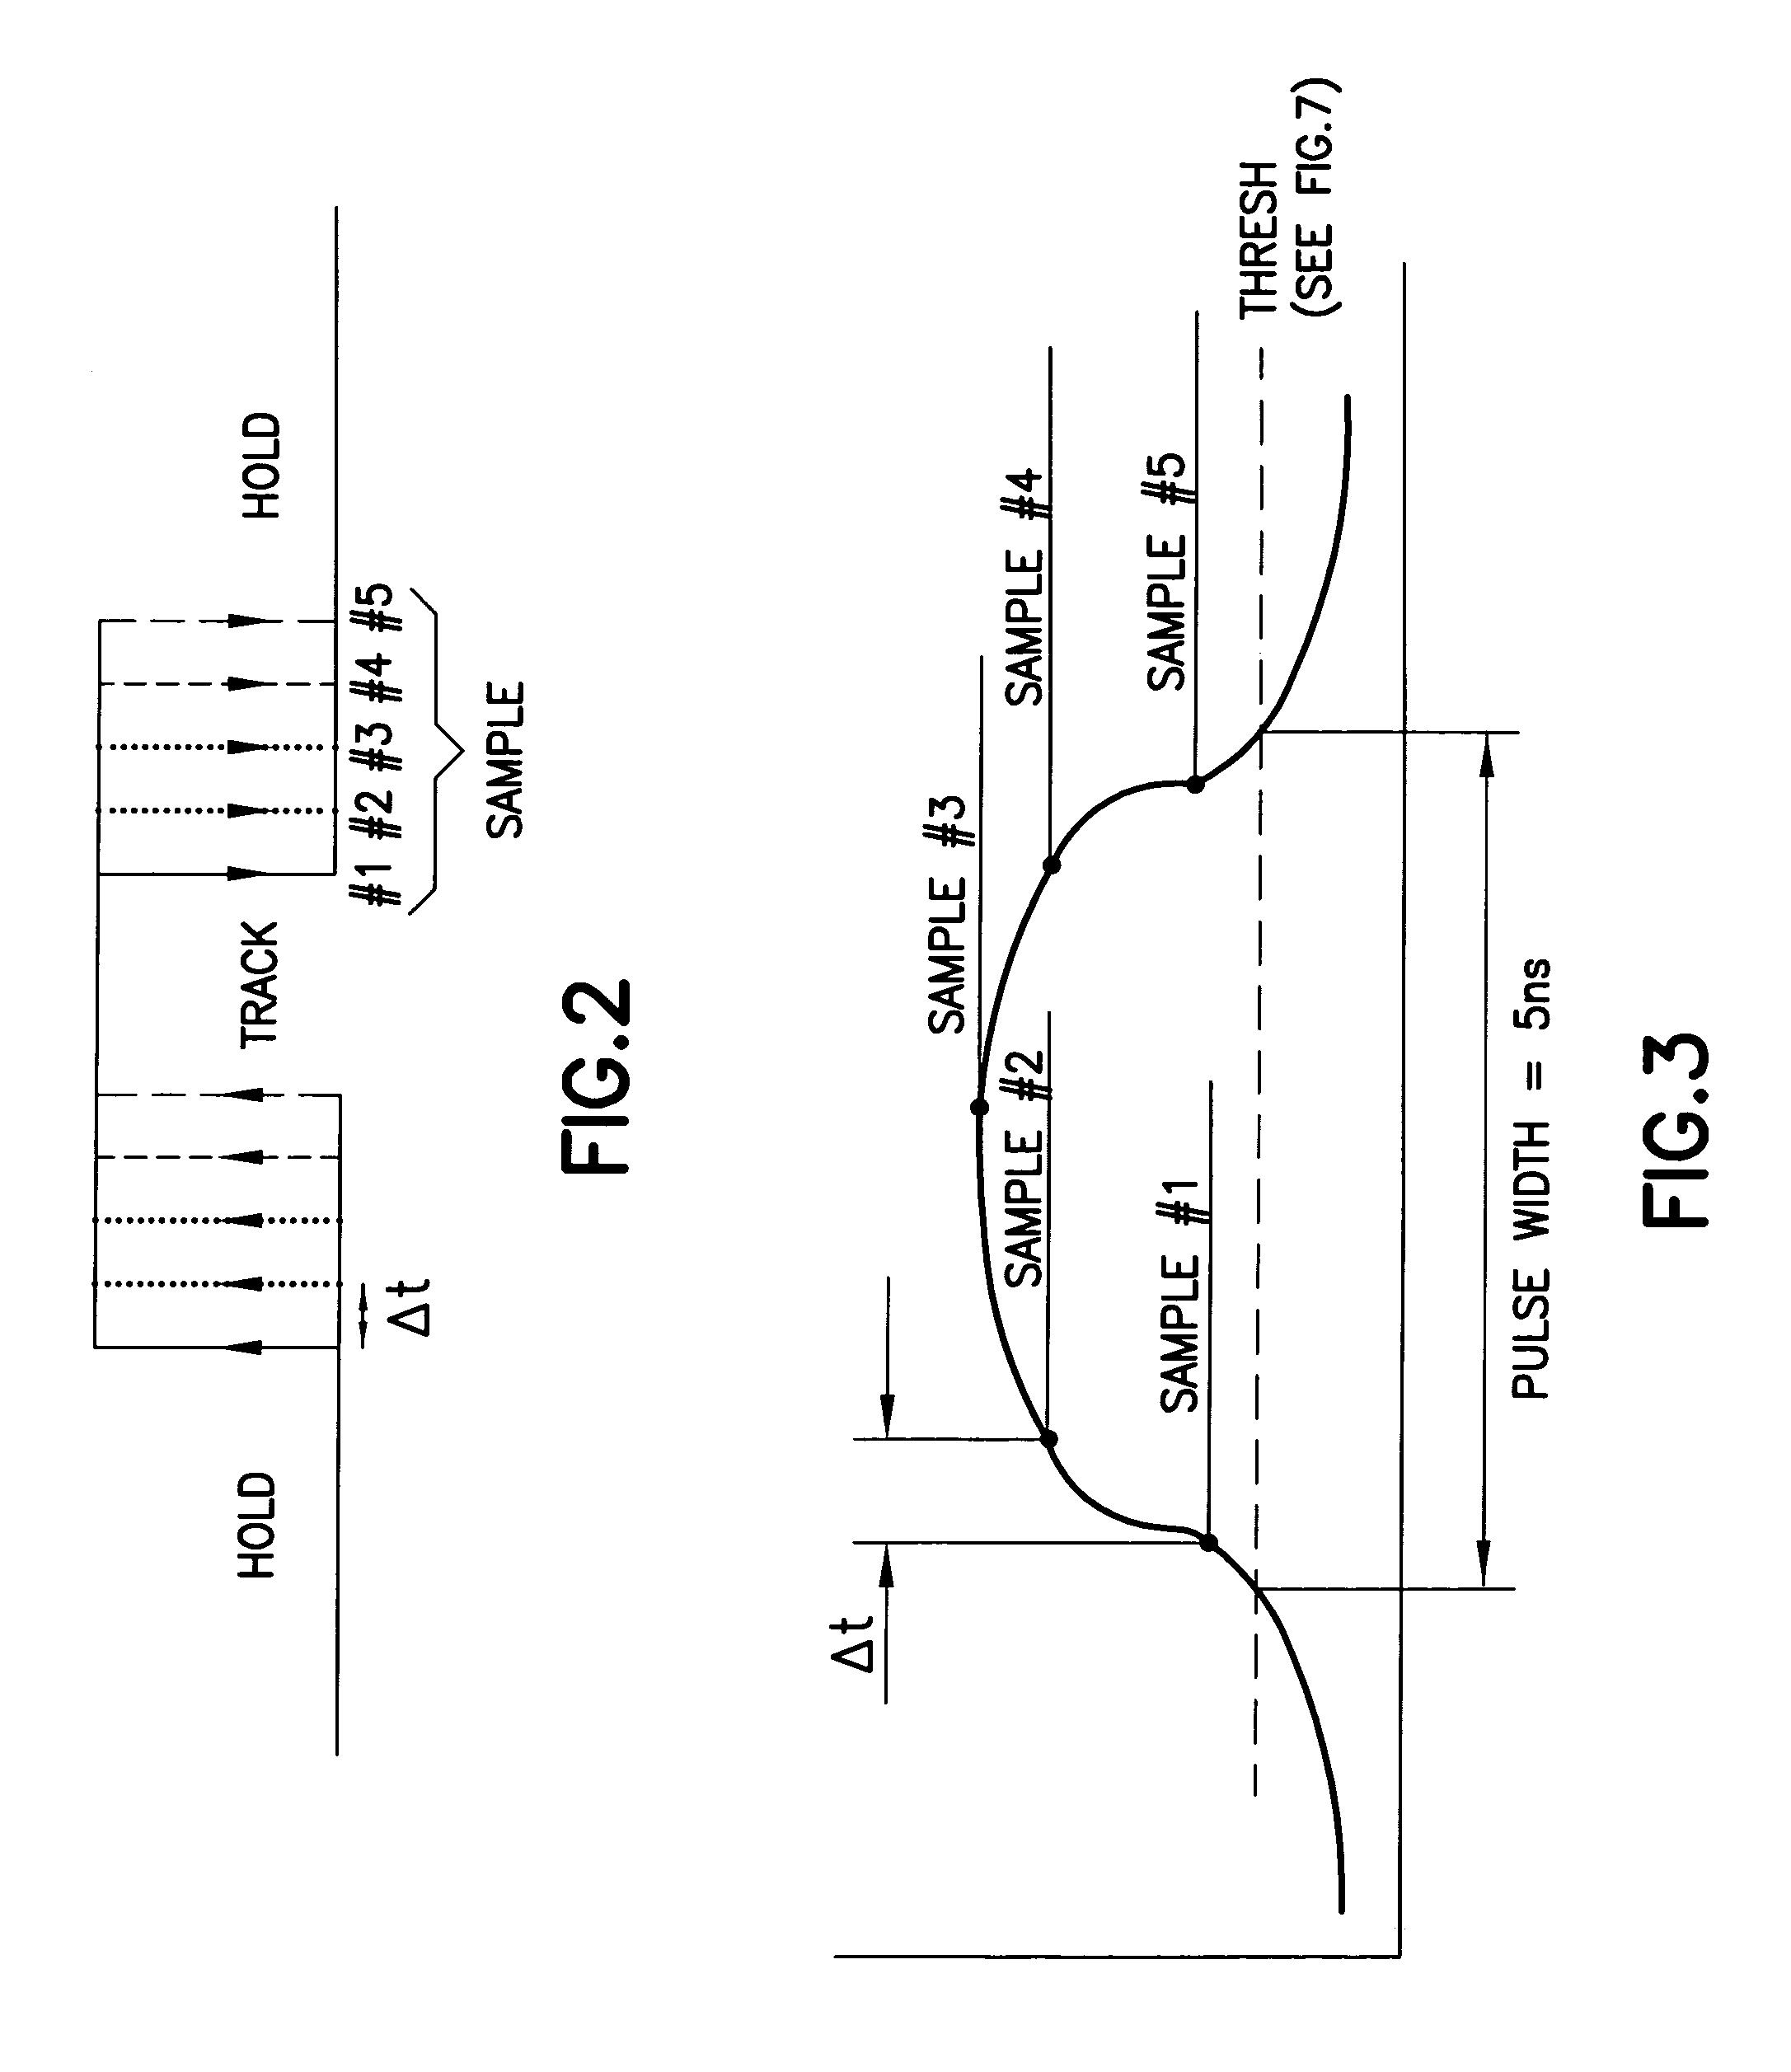 patent us7206062